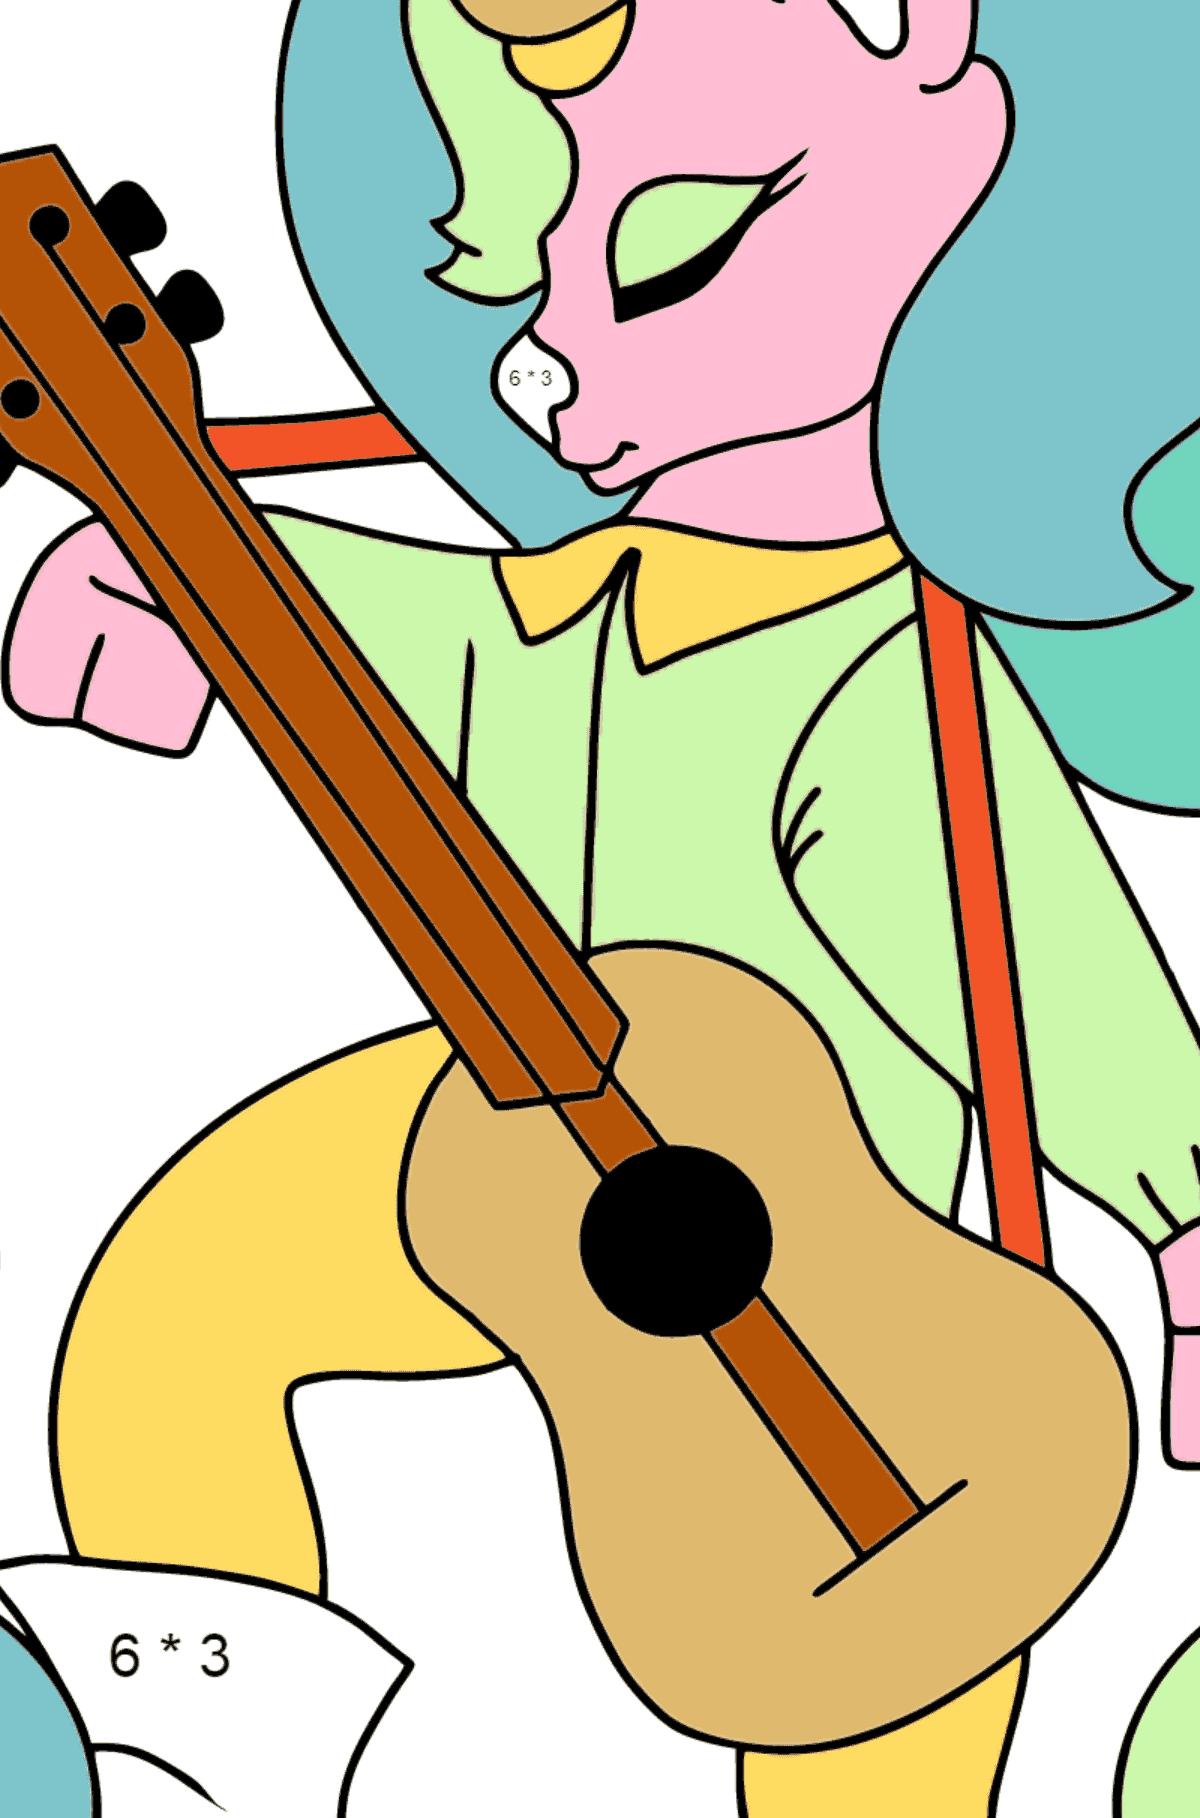 Ausmalseite - Ein Einhorn mit einer Gitarre - Mathe Ausmalbilder - Multiplikation für Kinder